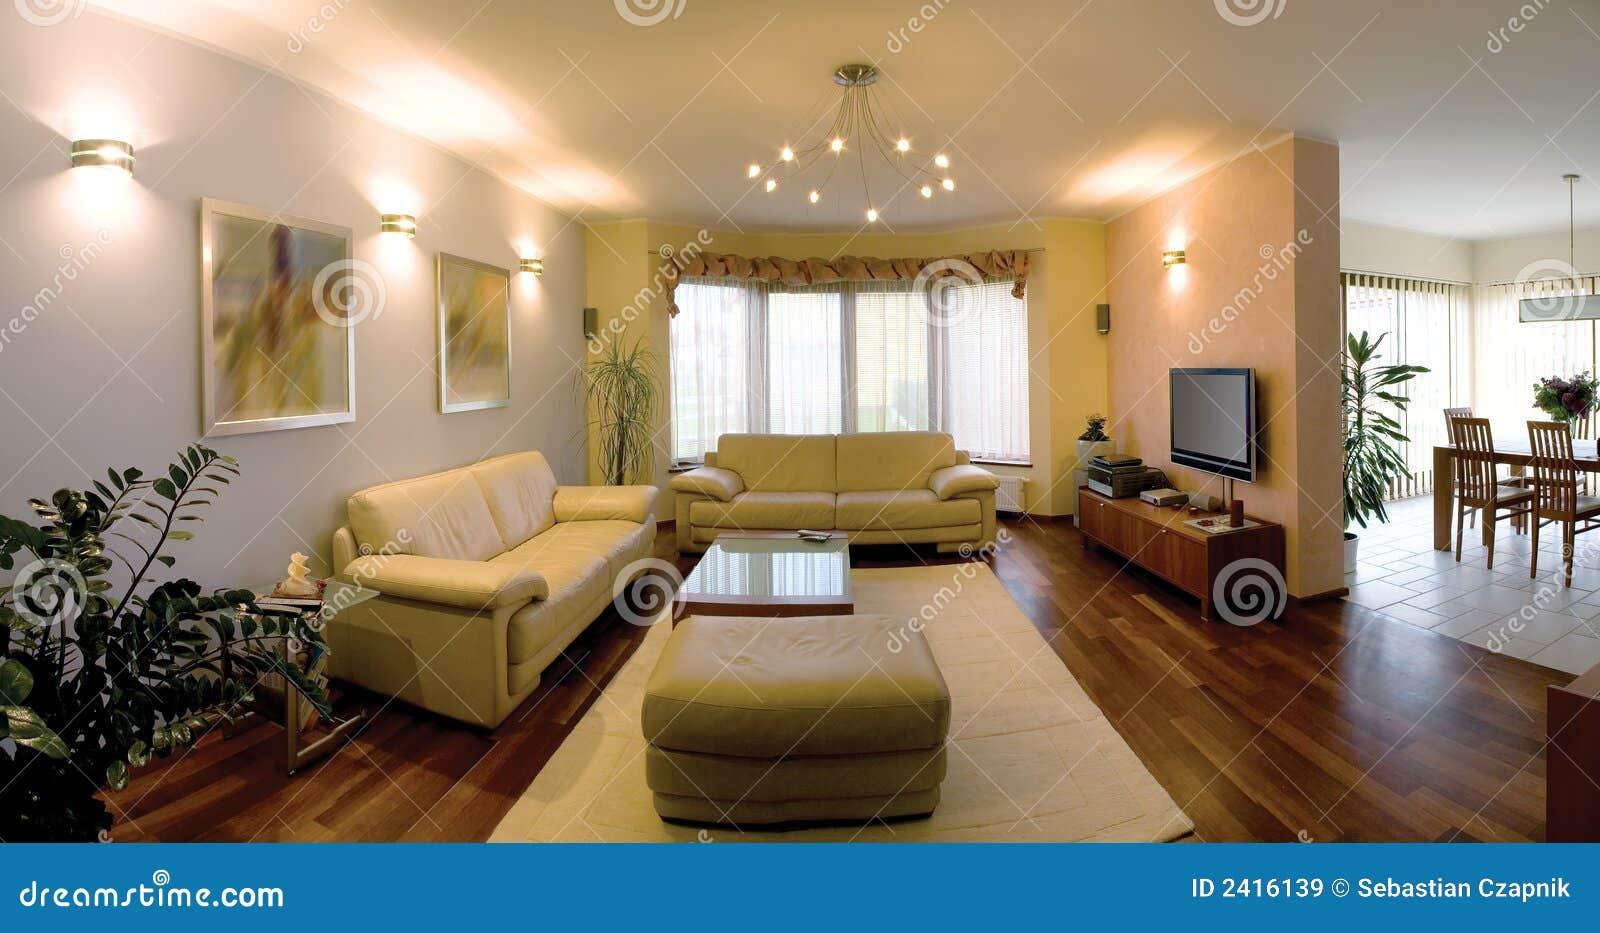 Int rieur la maison moderne images libres de droits image 2416139 - Modele interieur maison ...